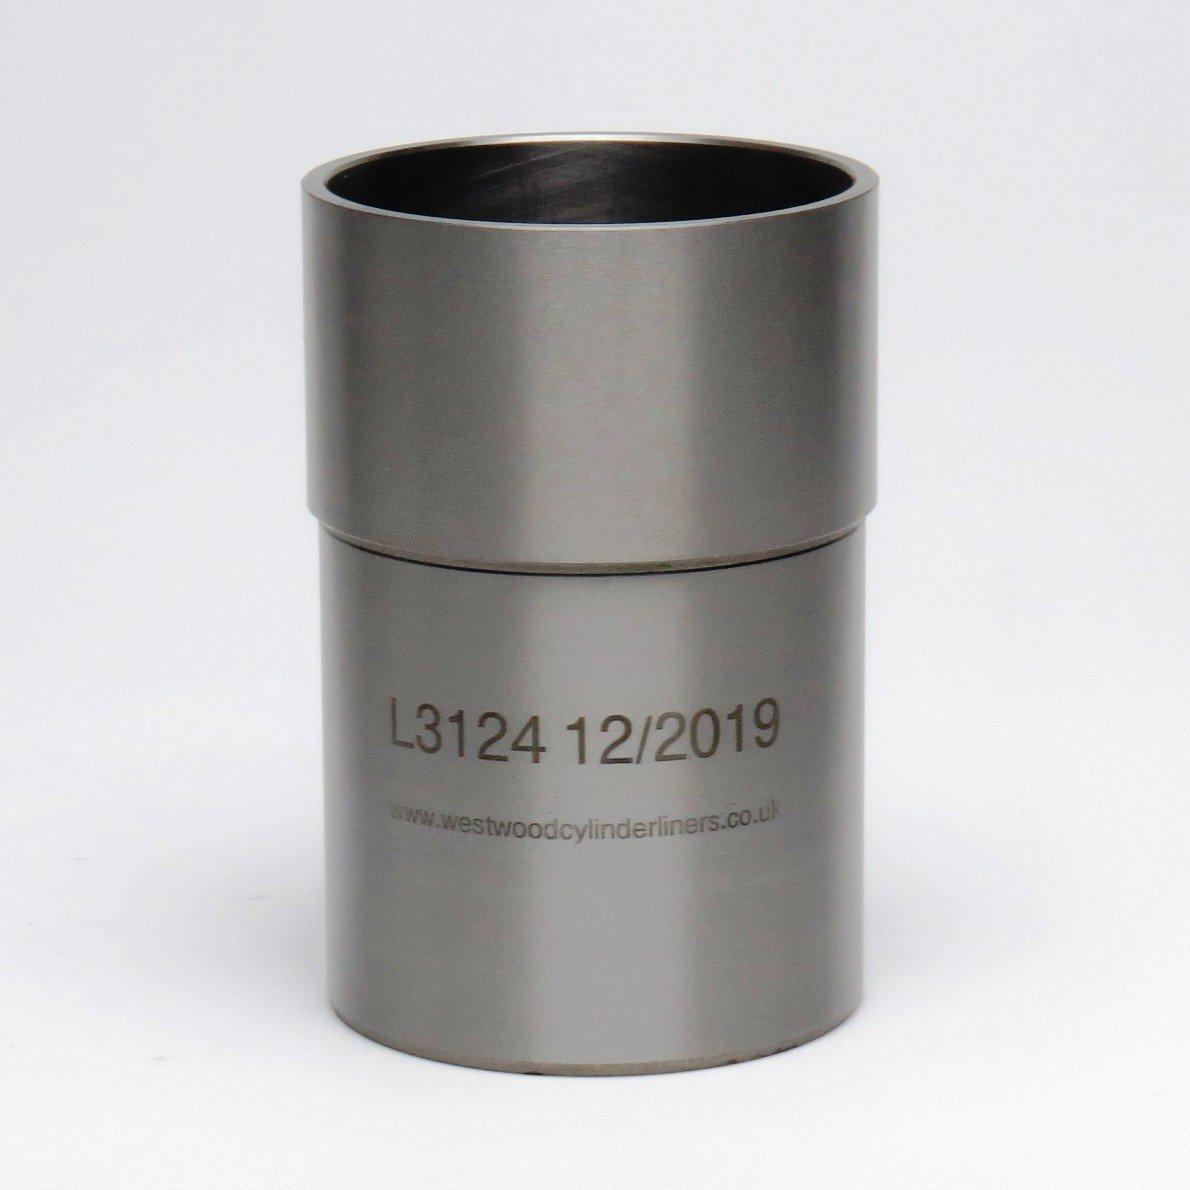 L 3124 - Cylinder Repair Liner